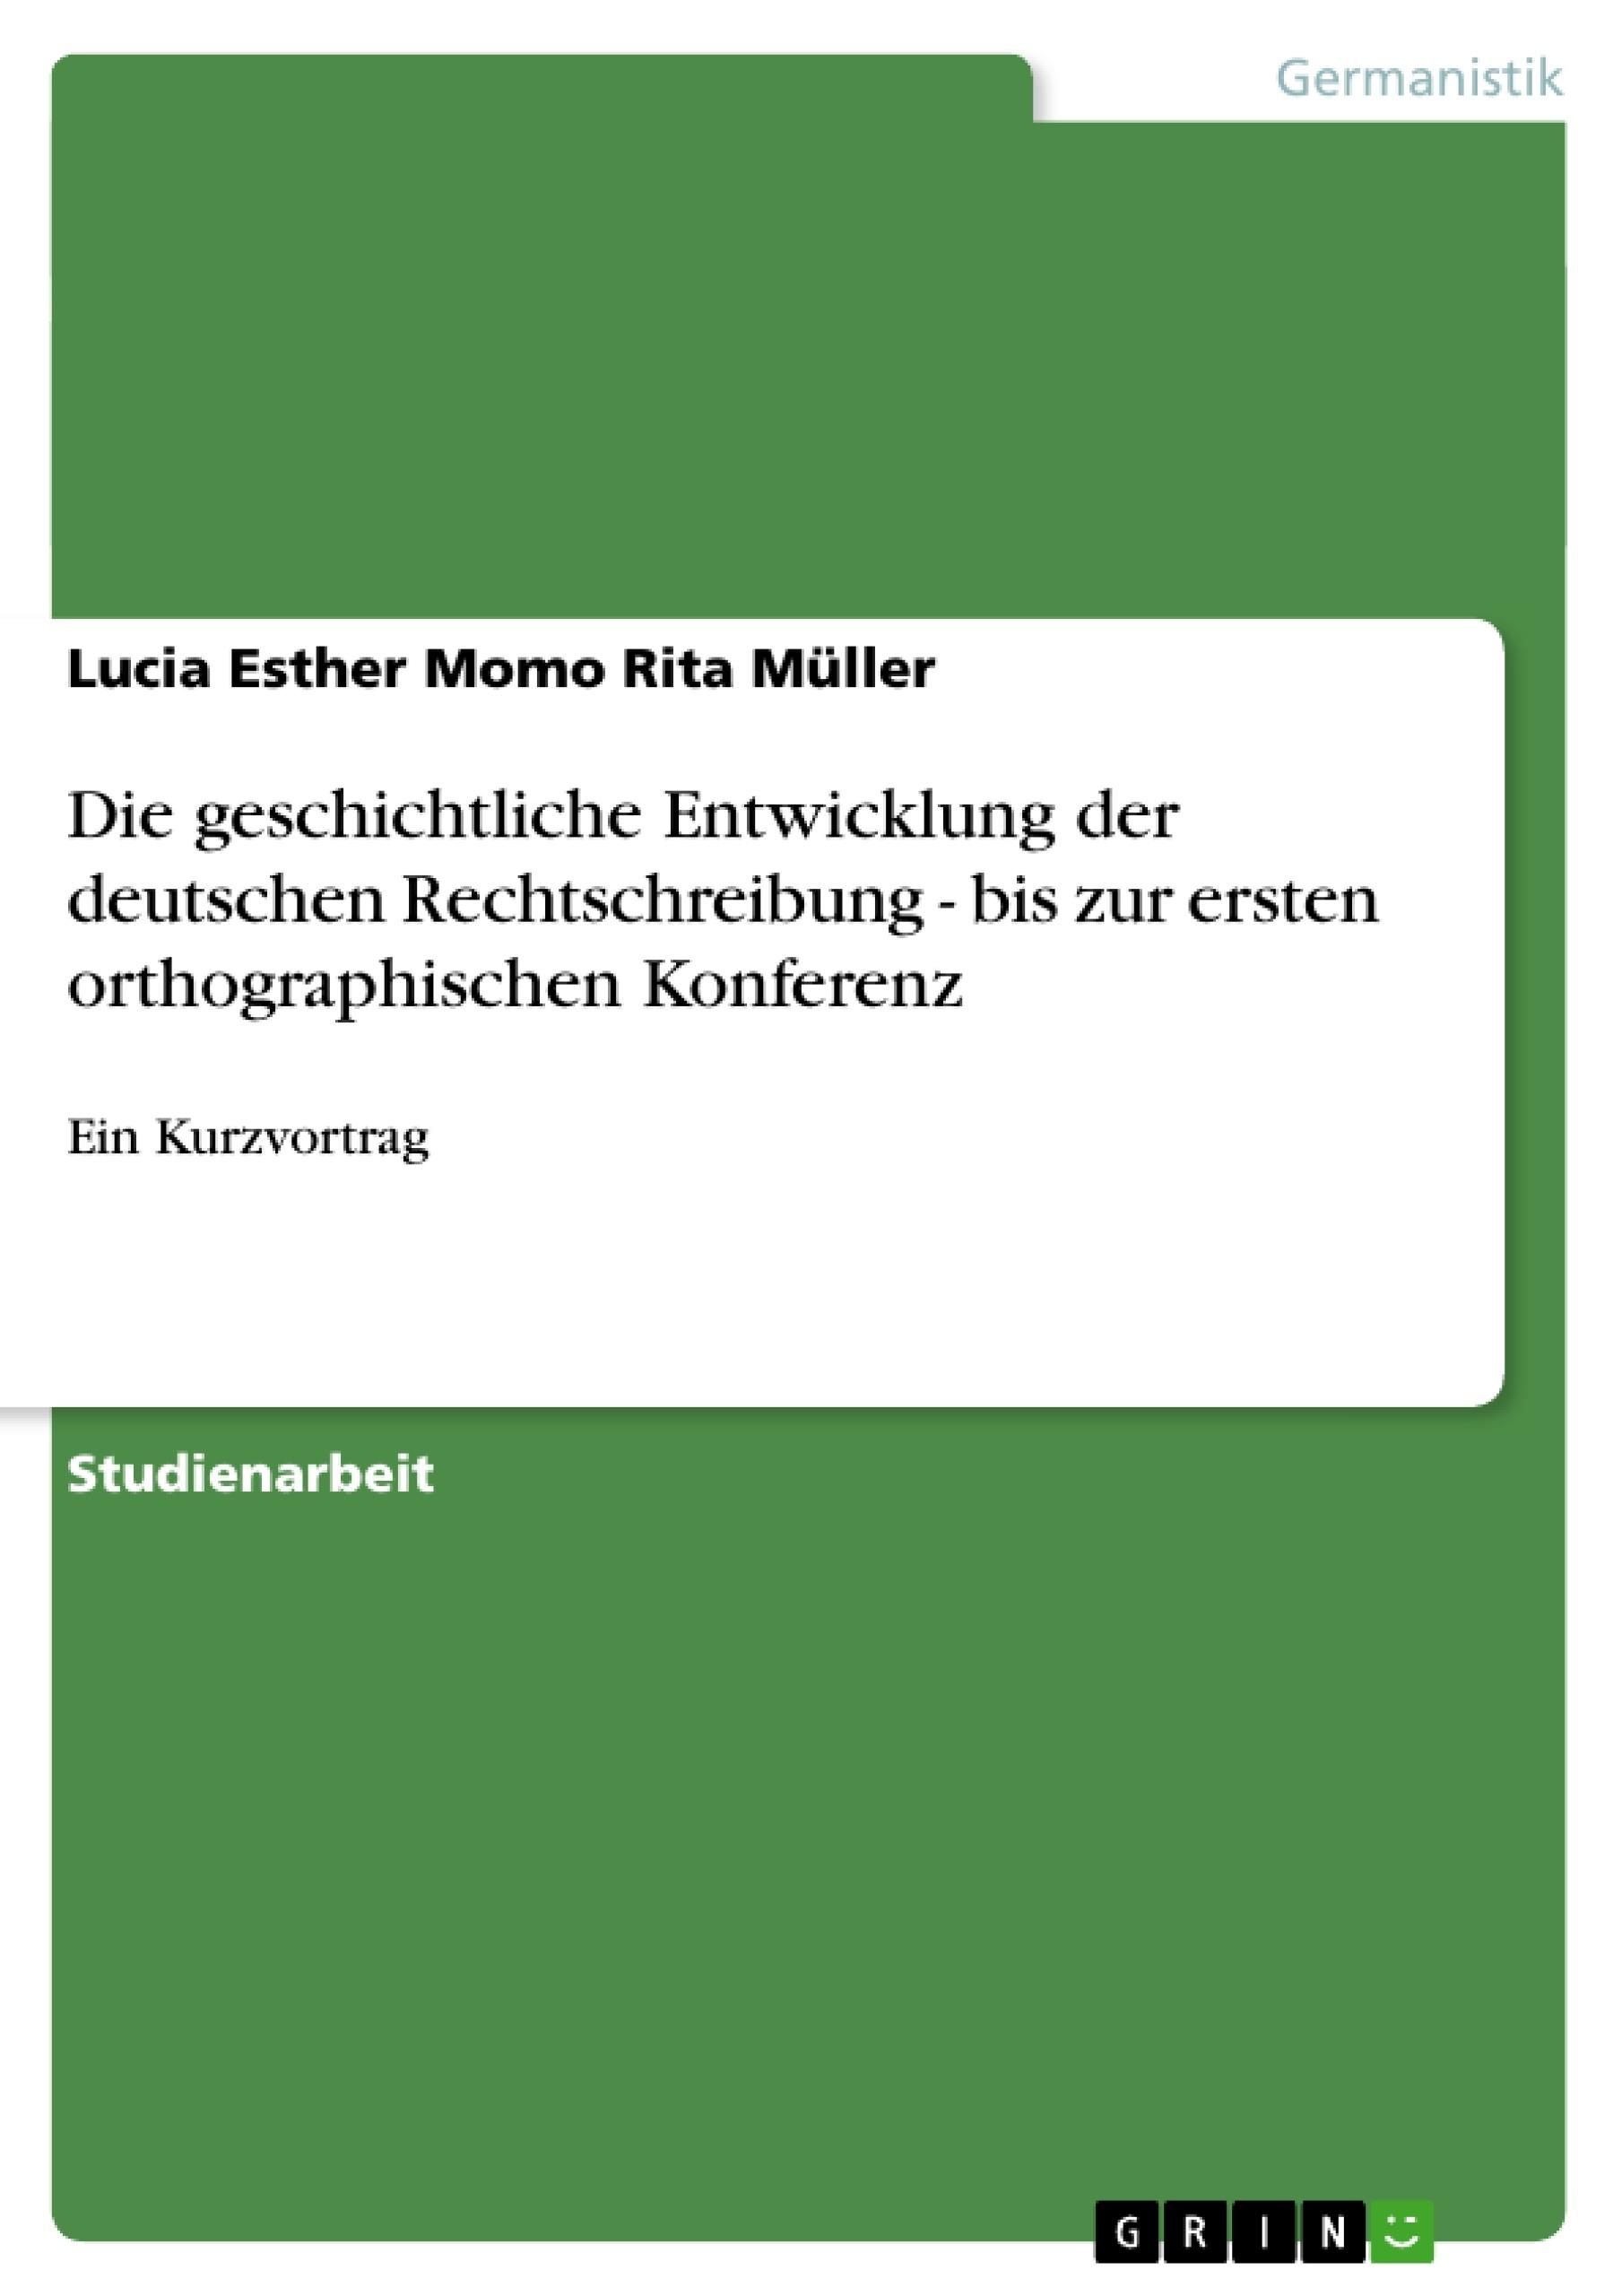 Titel: Die geschichtliche Entwicklung der deutschen Rechtschreibung - bis zur ersten orthographischen Konferenz